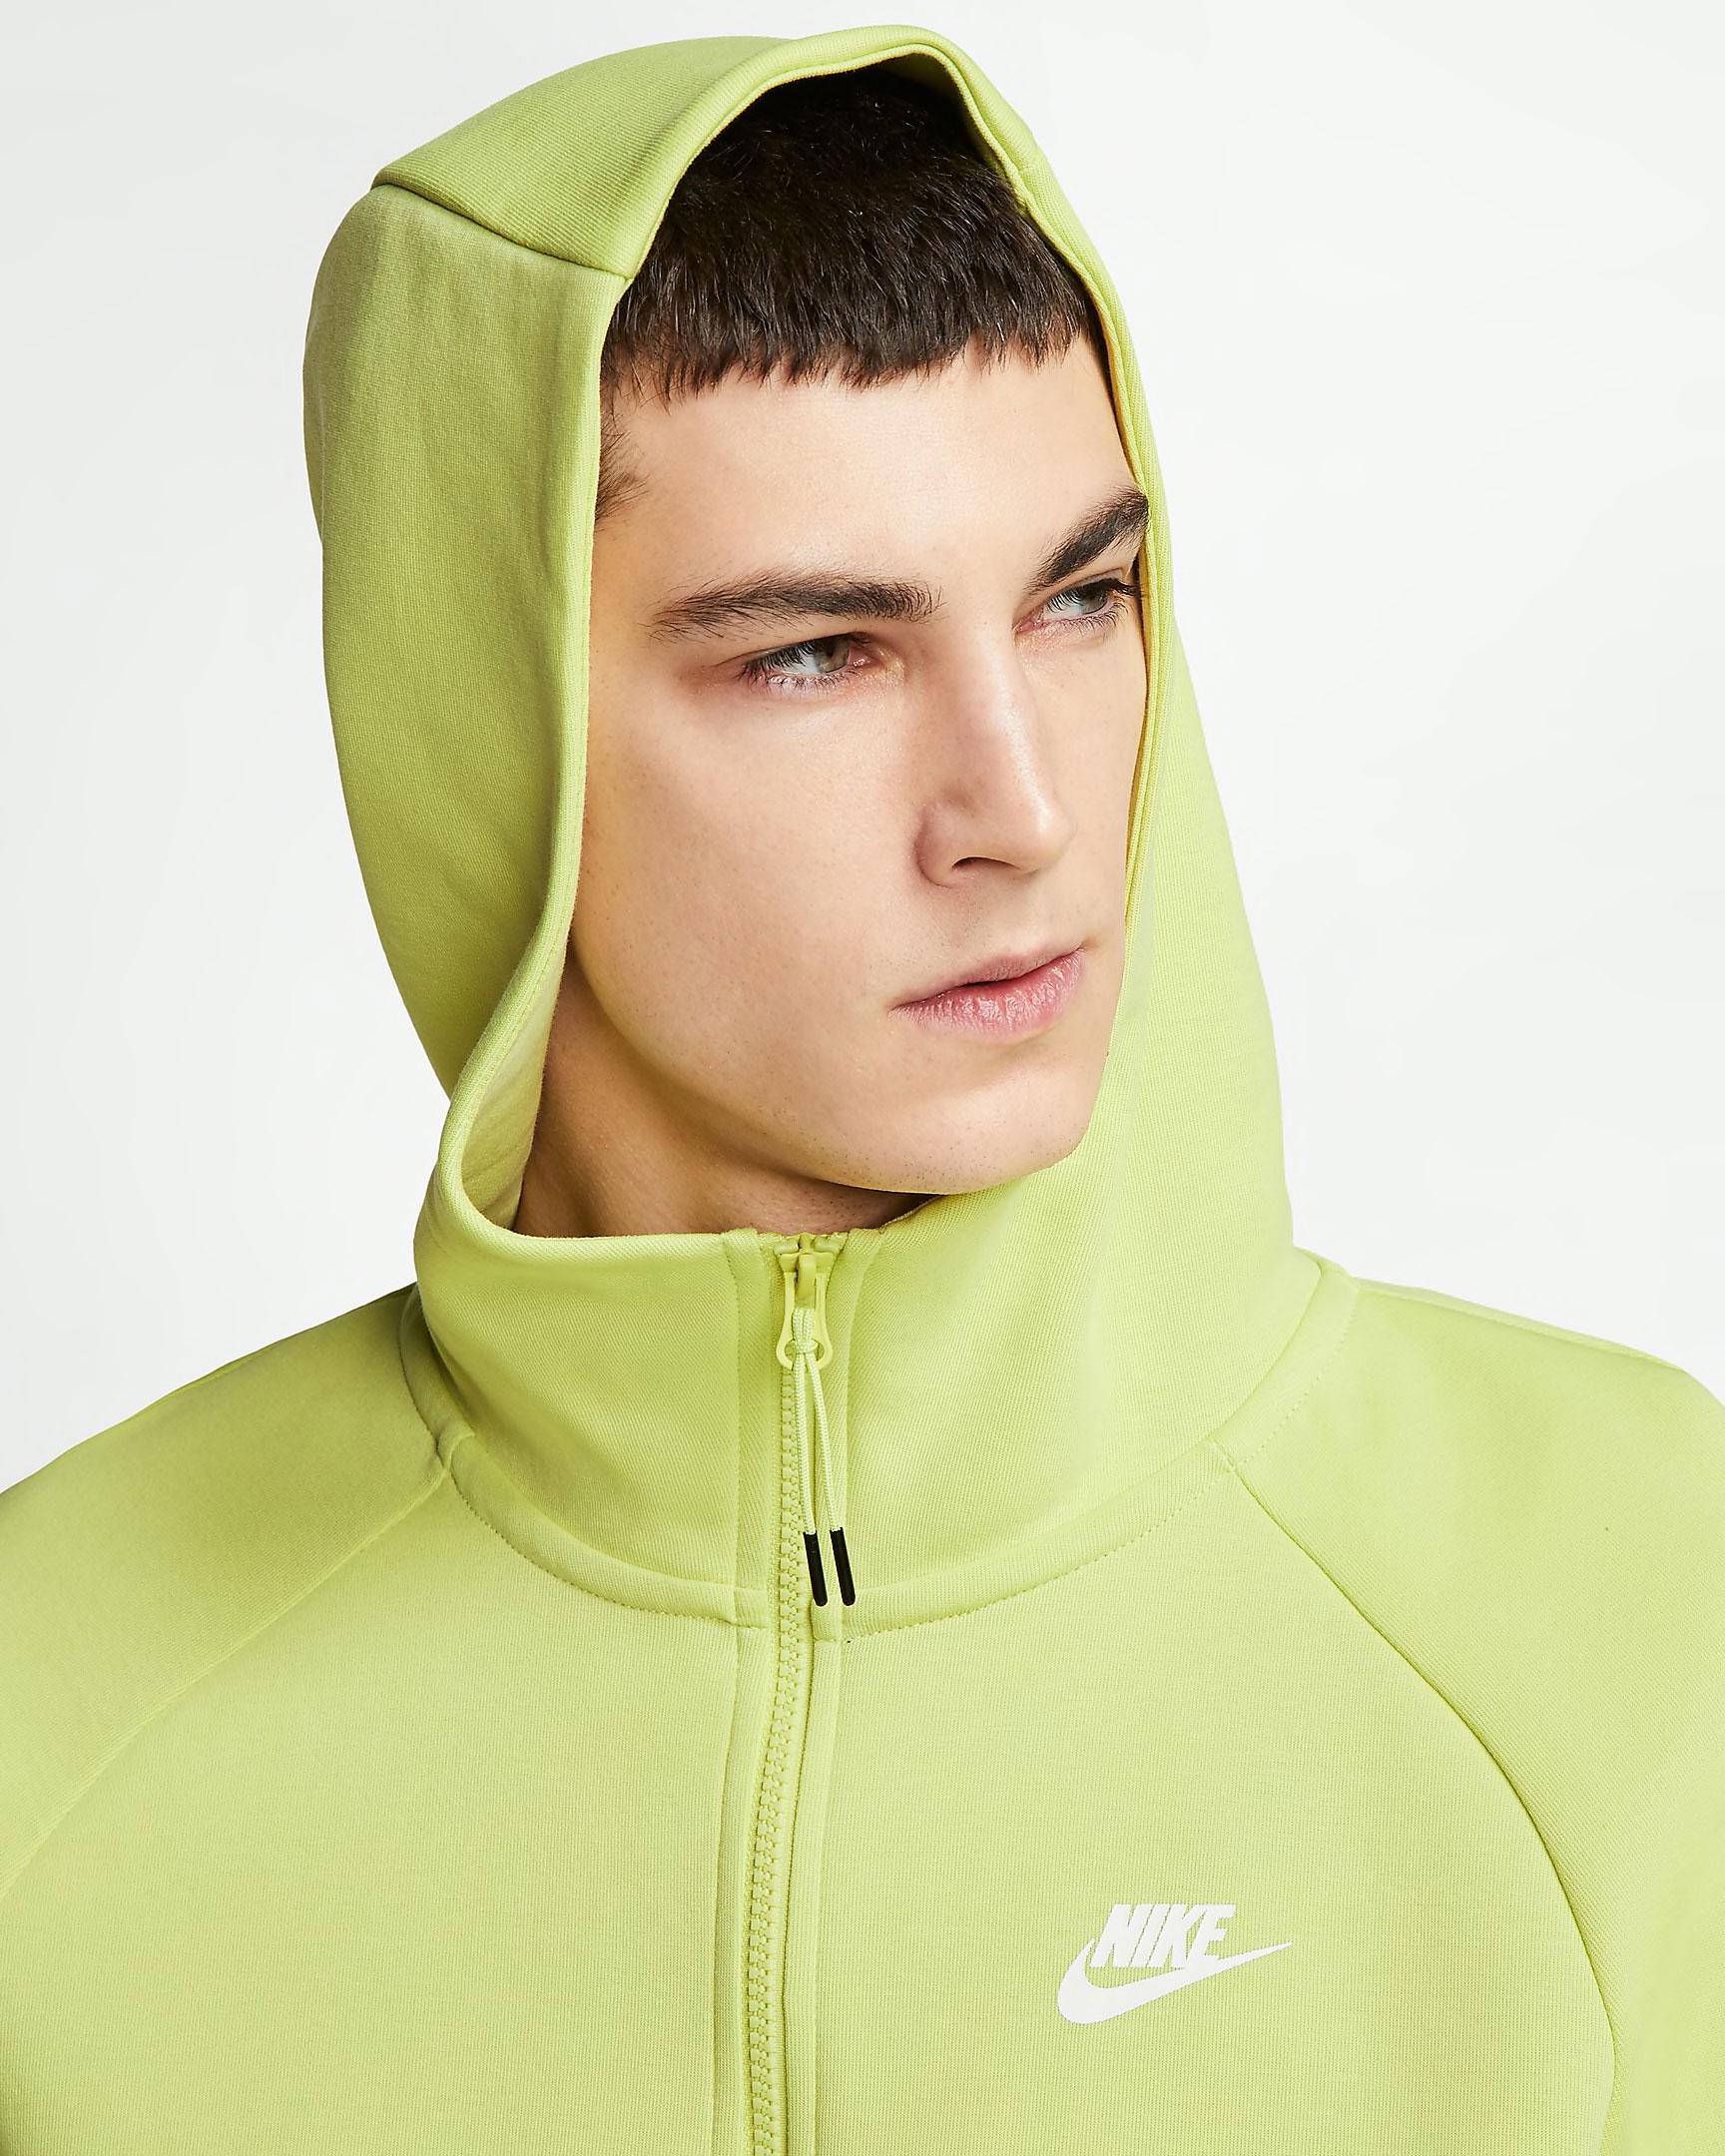 nike-volt-green-tech-fleece-hoodie-3